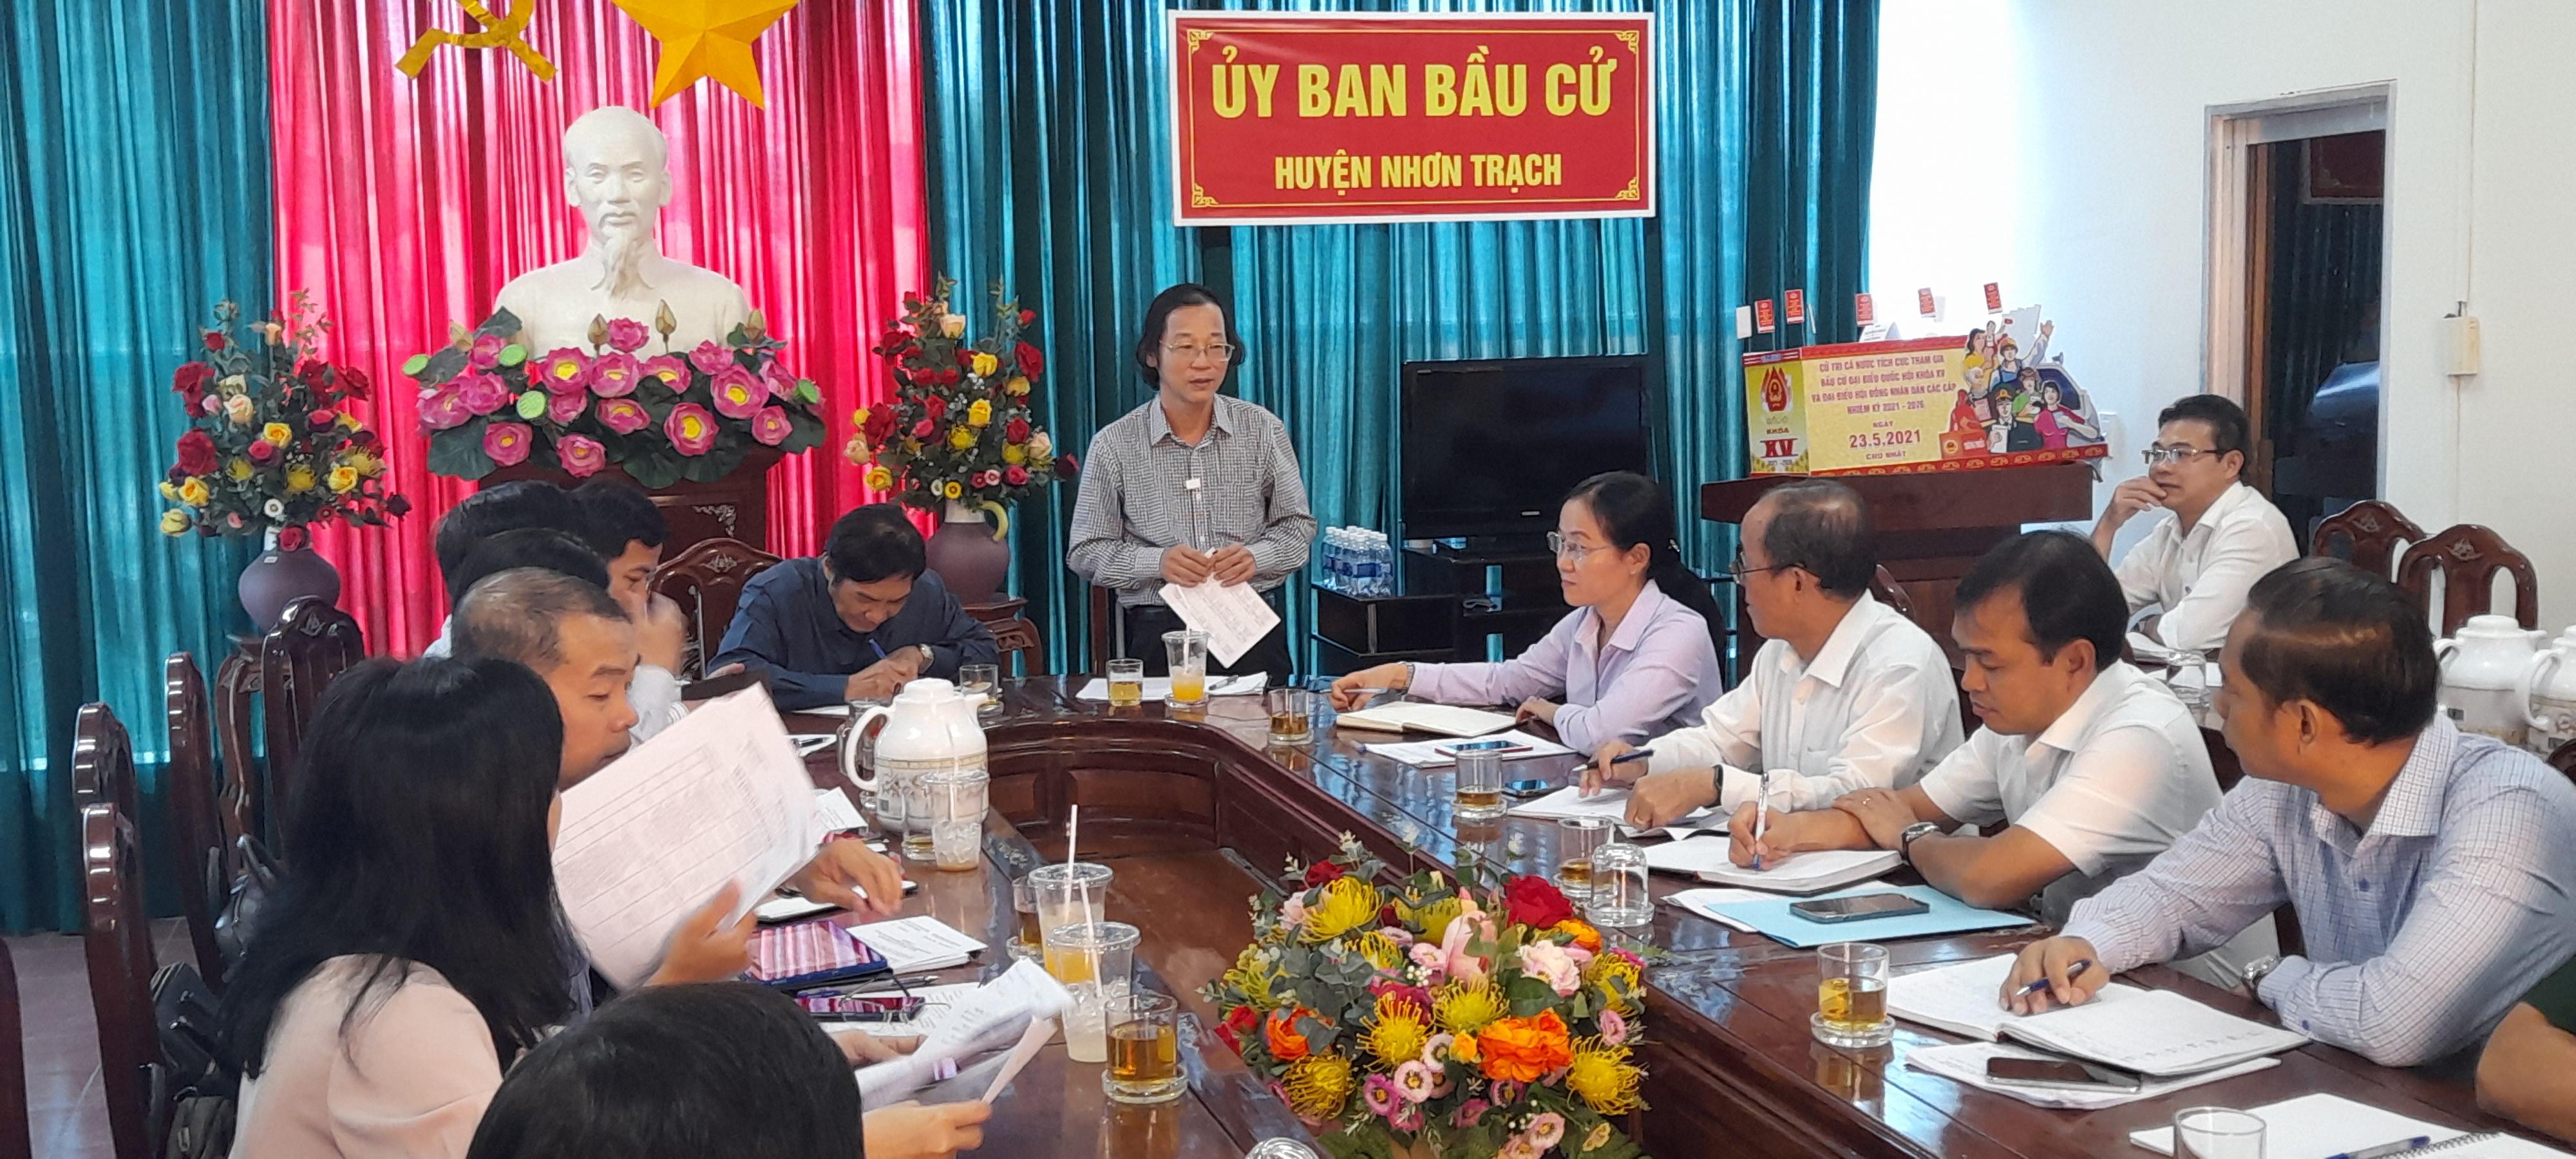 Thường trực Hội đồng nhân dân tỉnh giám sát công tác bầu cử tại Ủy ban bầu cử huyện Nhơn Trạch